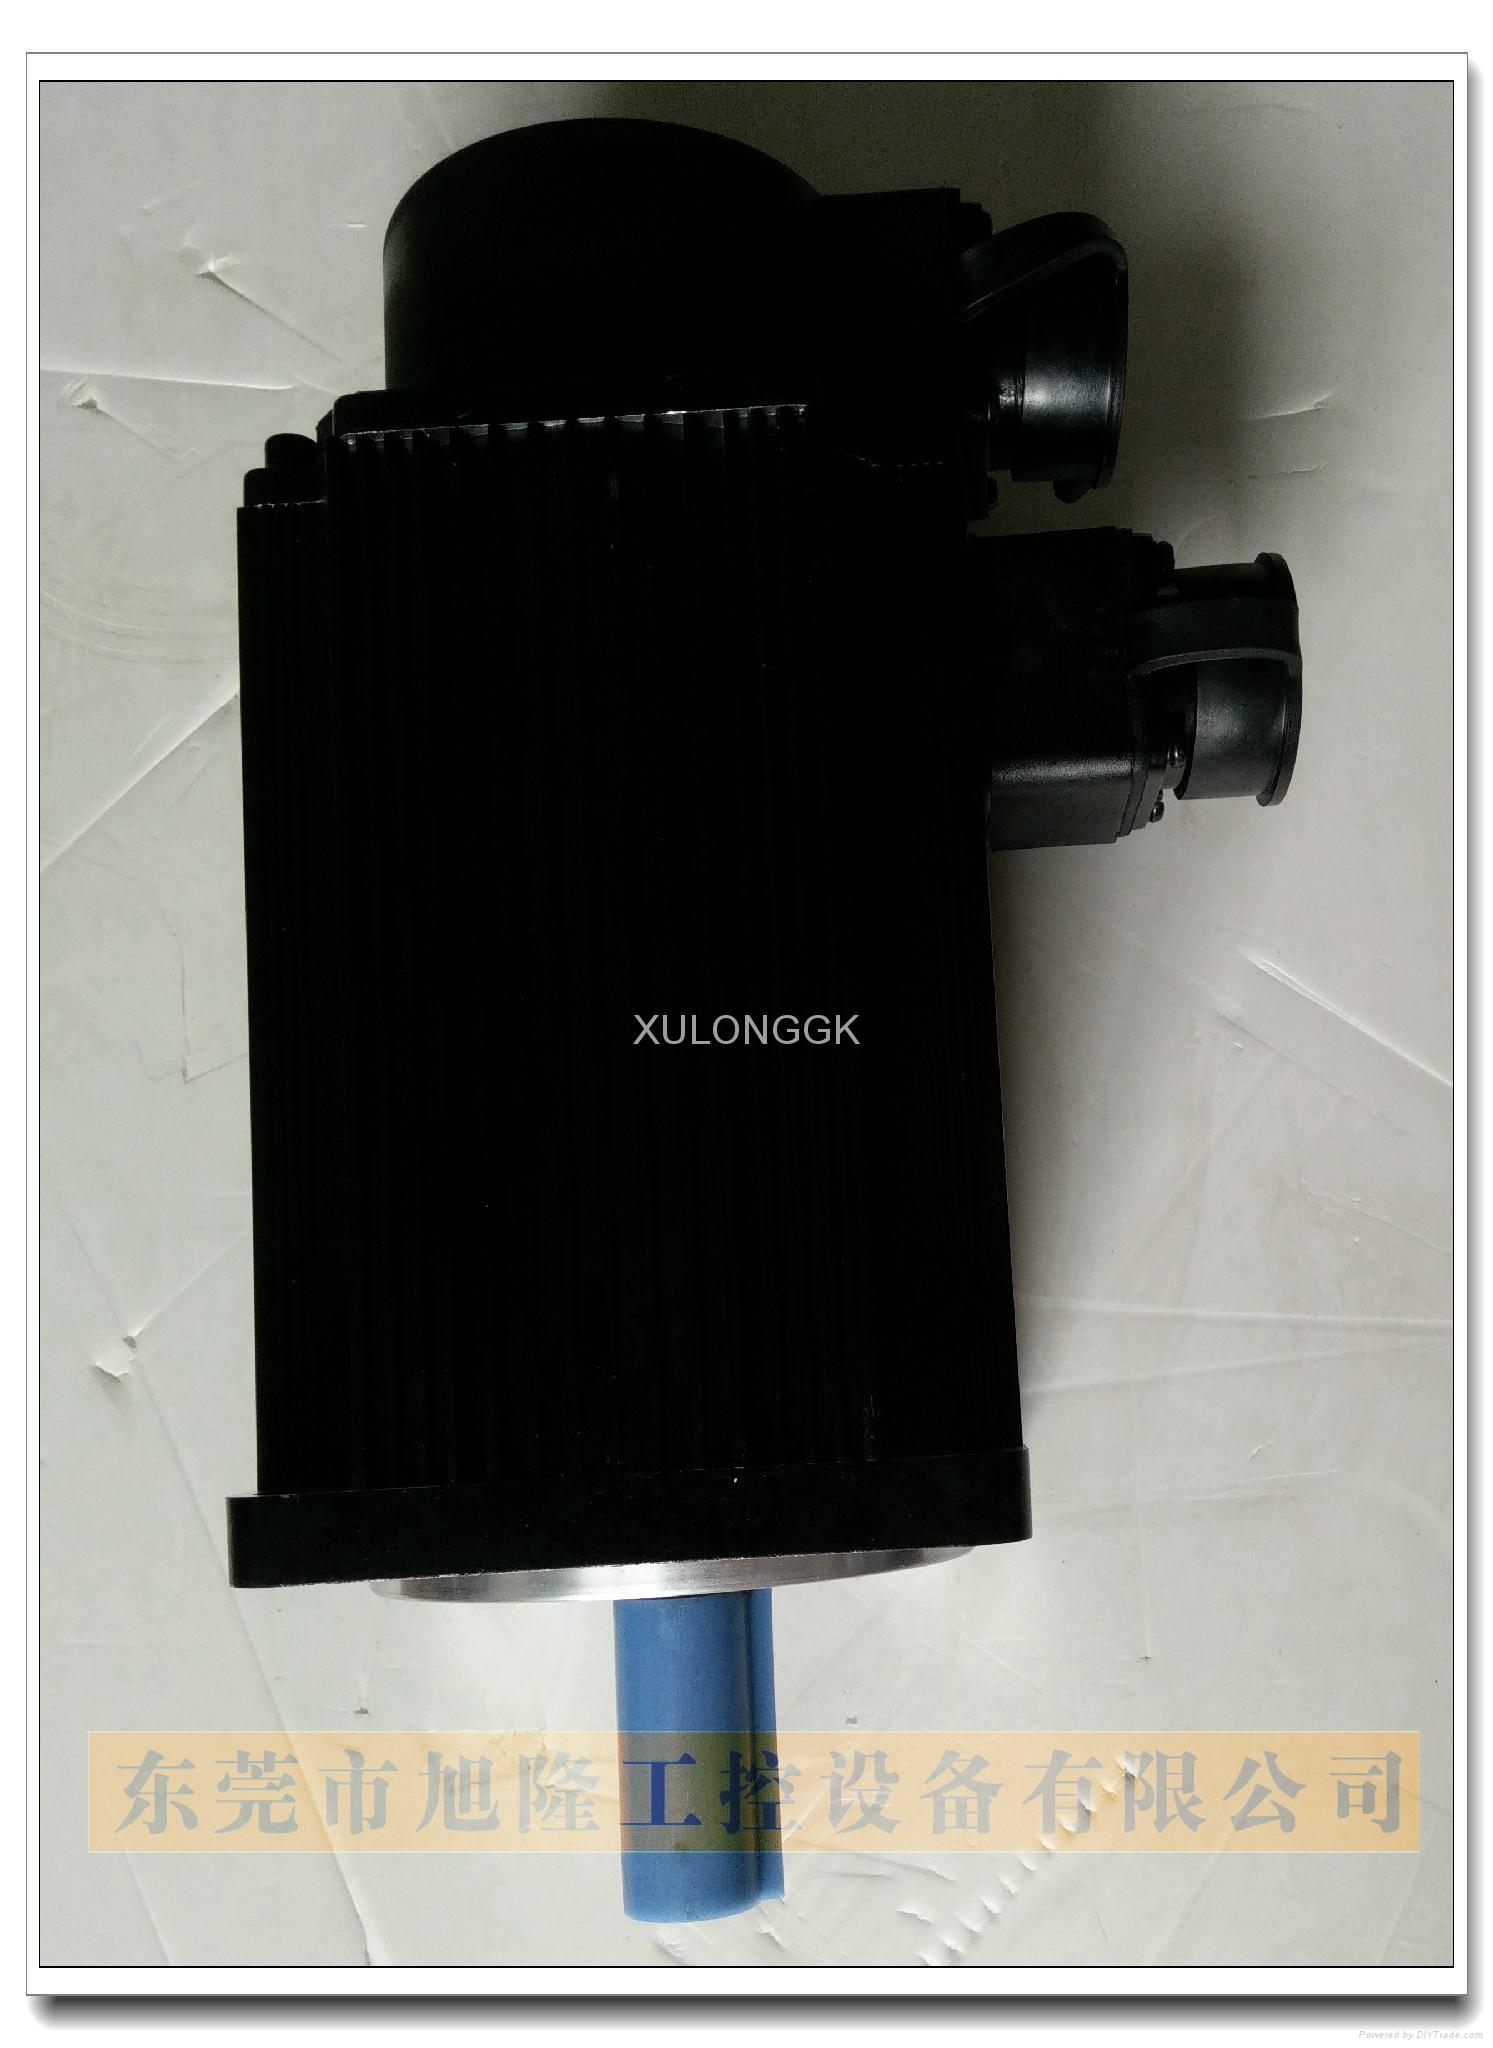 华大伺服电机配K系列驱动器130ST-M05025LFB 1.3kw 5N  220V 雕刻机用 2